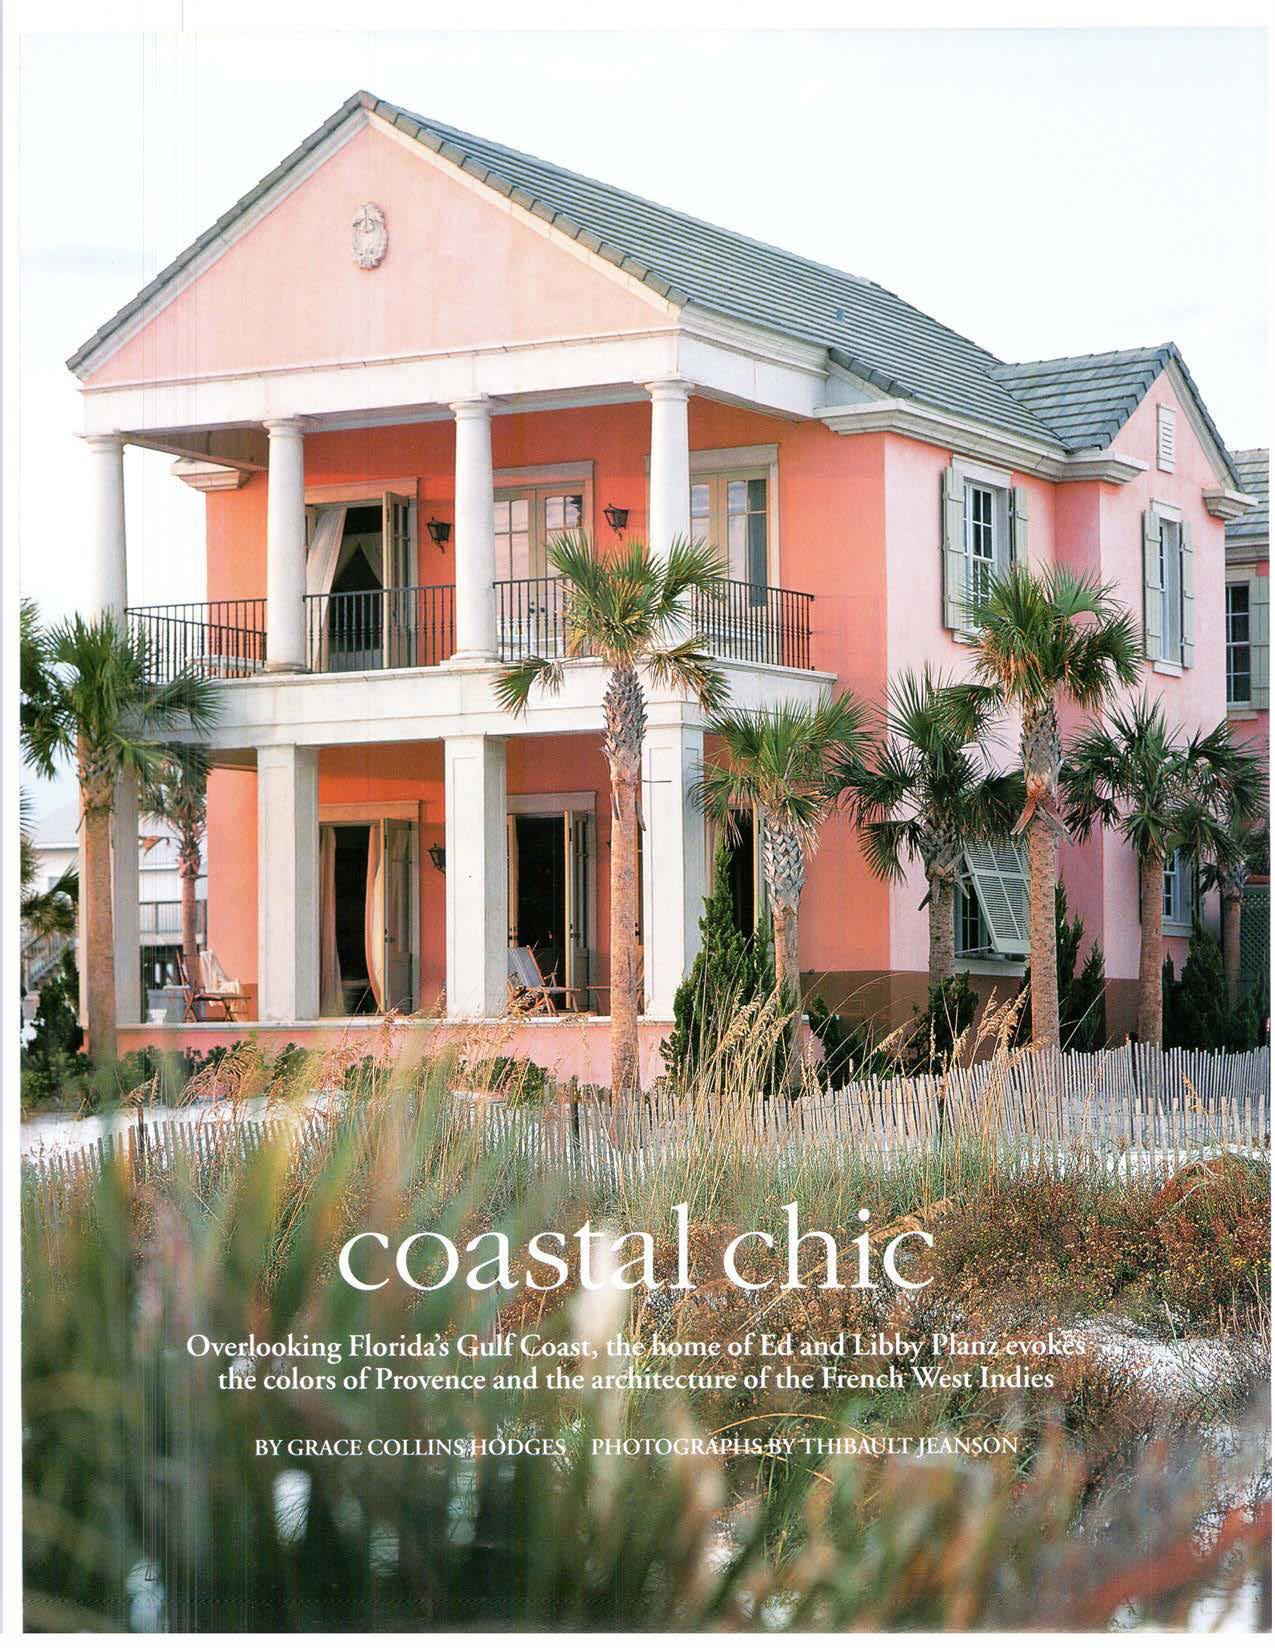 SA-coastal-chic_Page_02